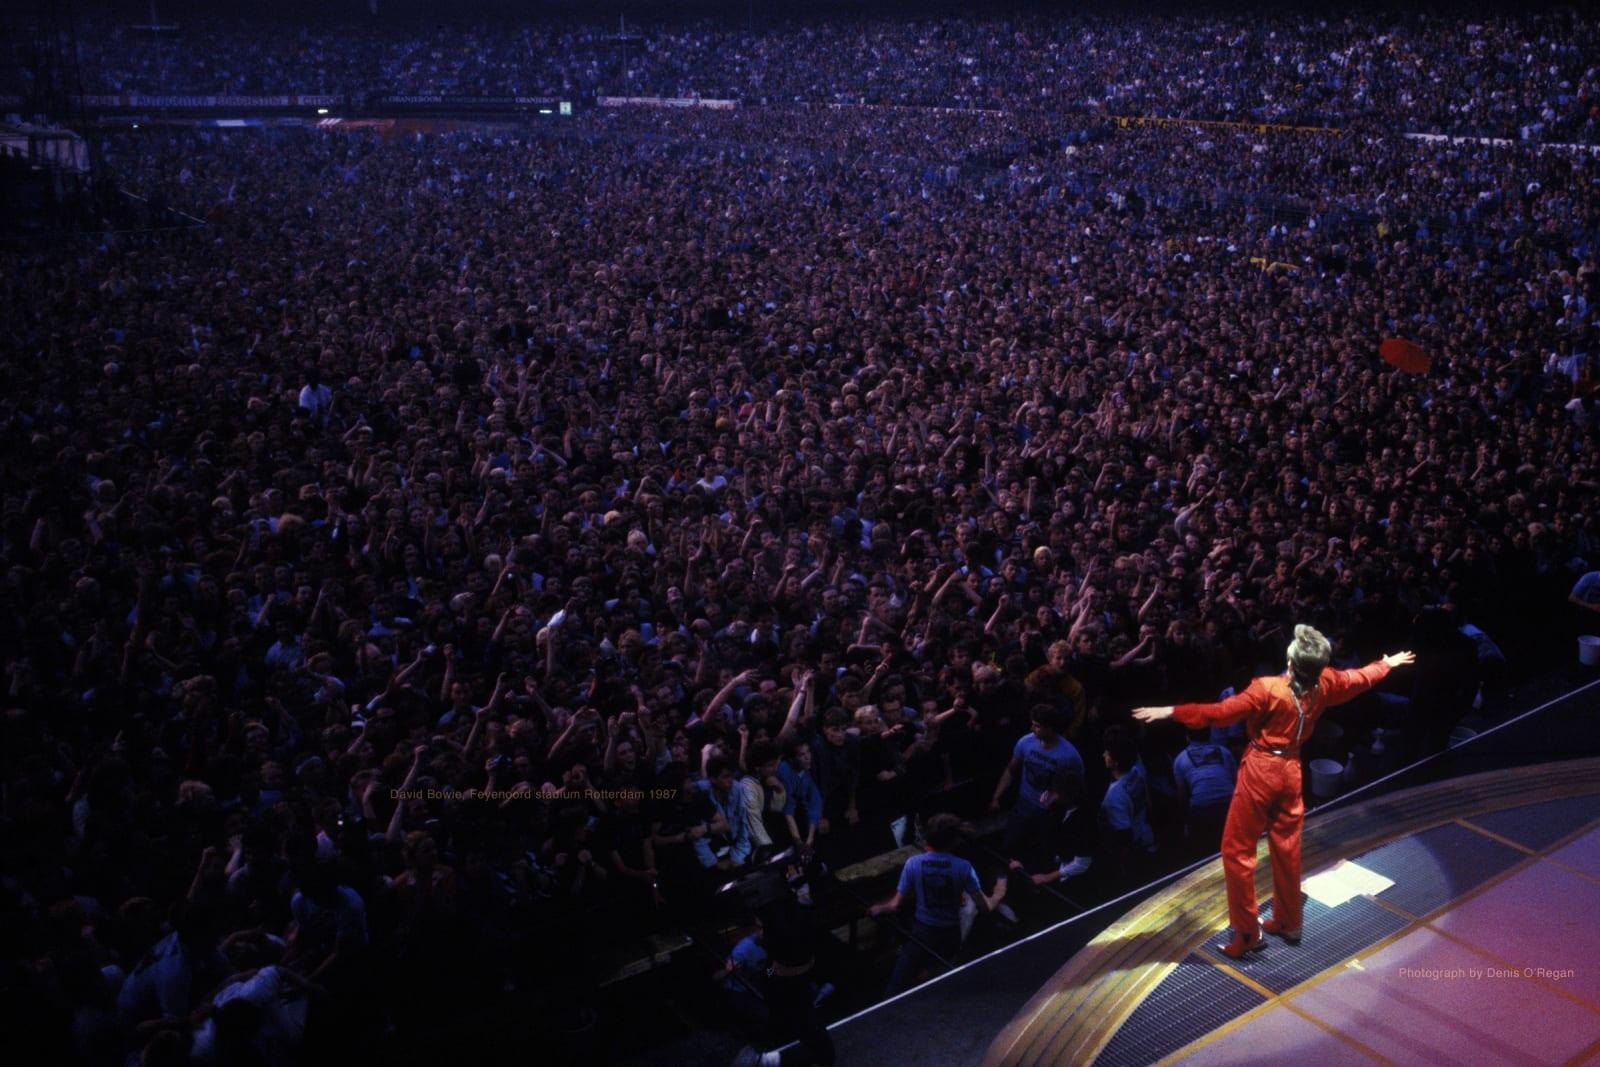 DAVID BOWIE, David Bowie Rotterdam, 1987